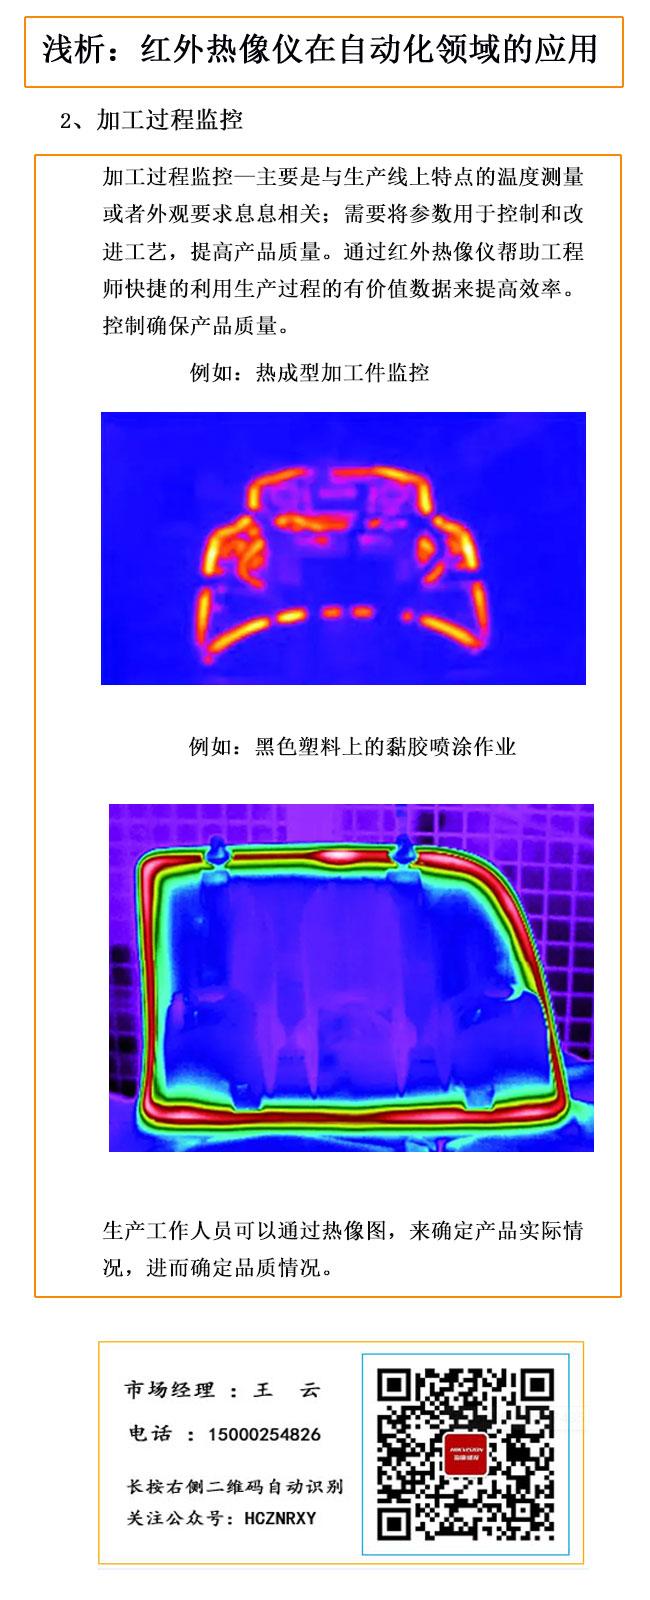 红外热像仪自动化应用-2.jpg